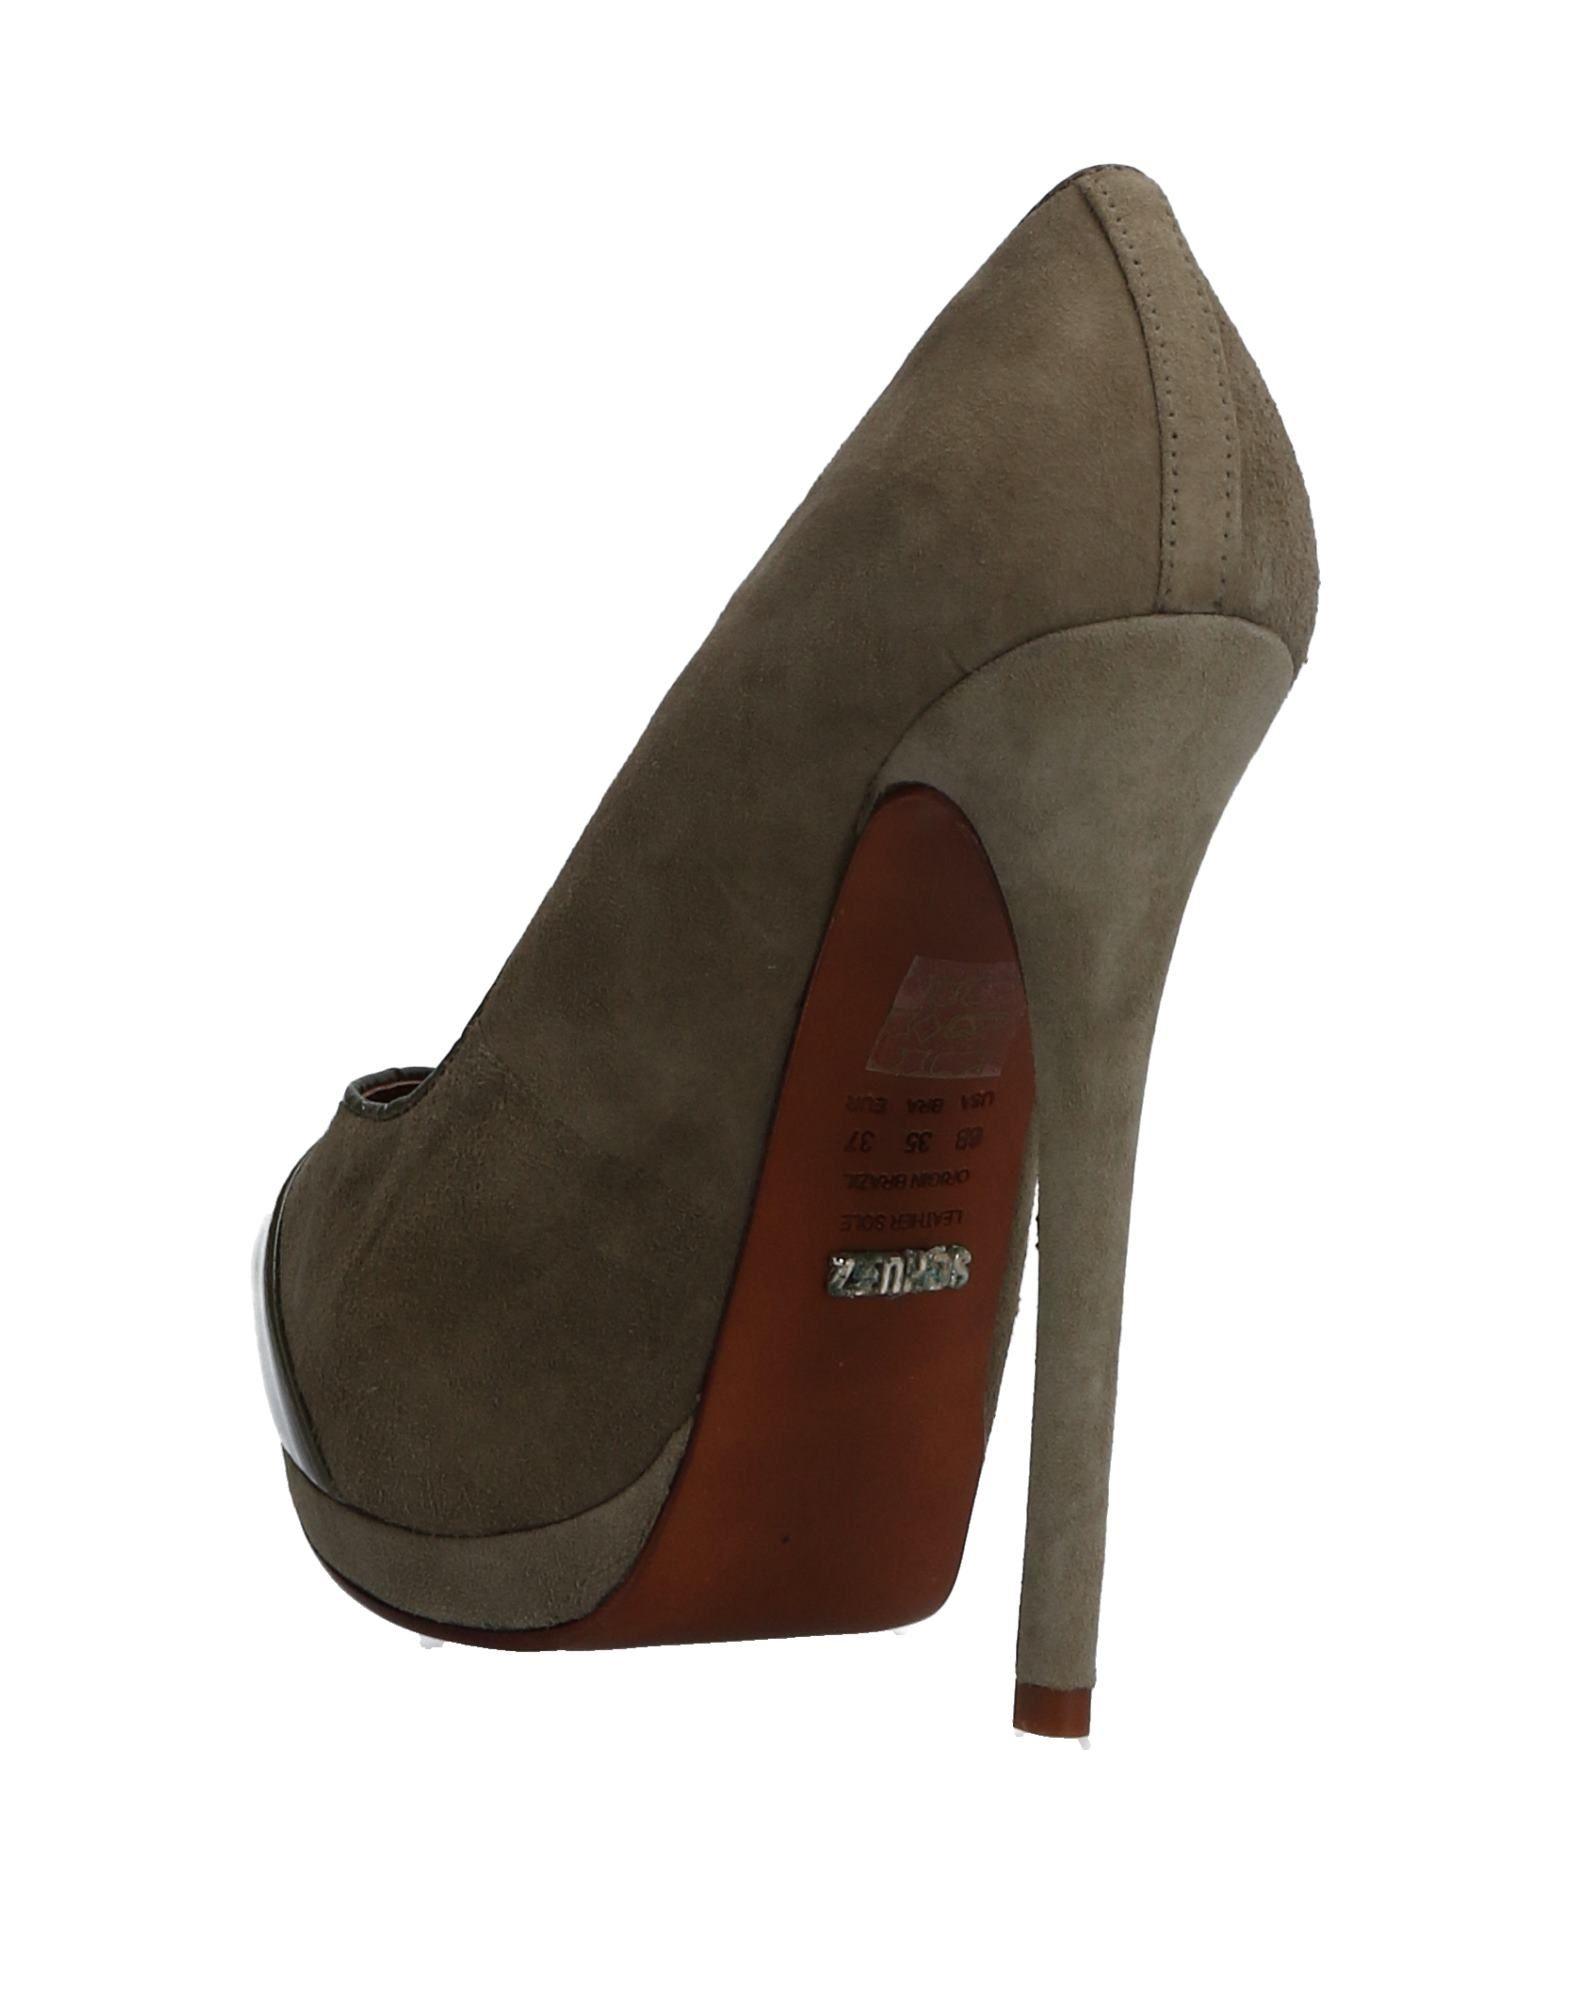 Gut um Pumps billige Schuhe zu tragenSchutz Pumps um Damen  11527483IC 8cb0d9